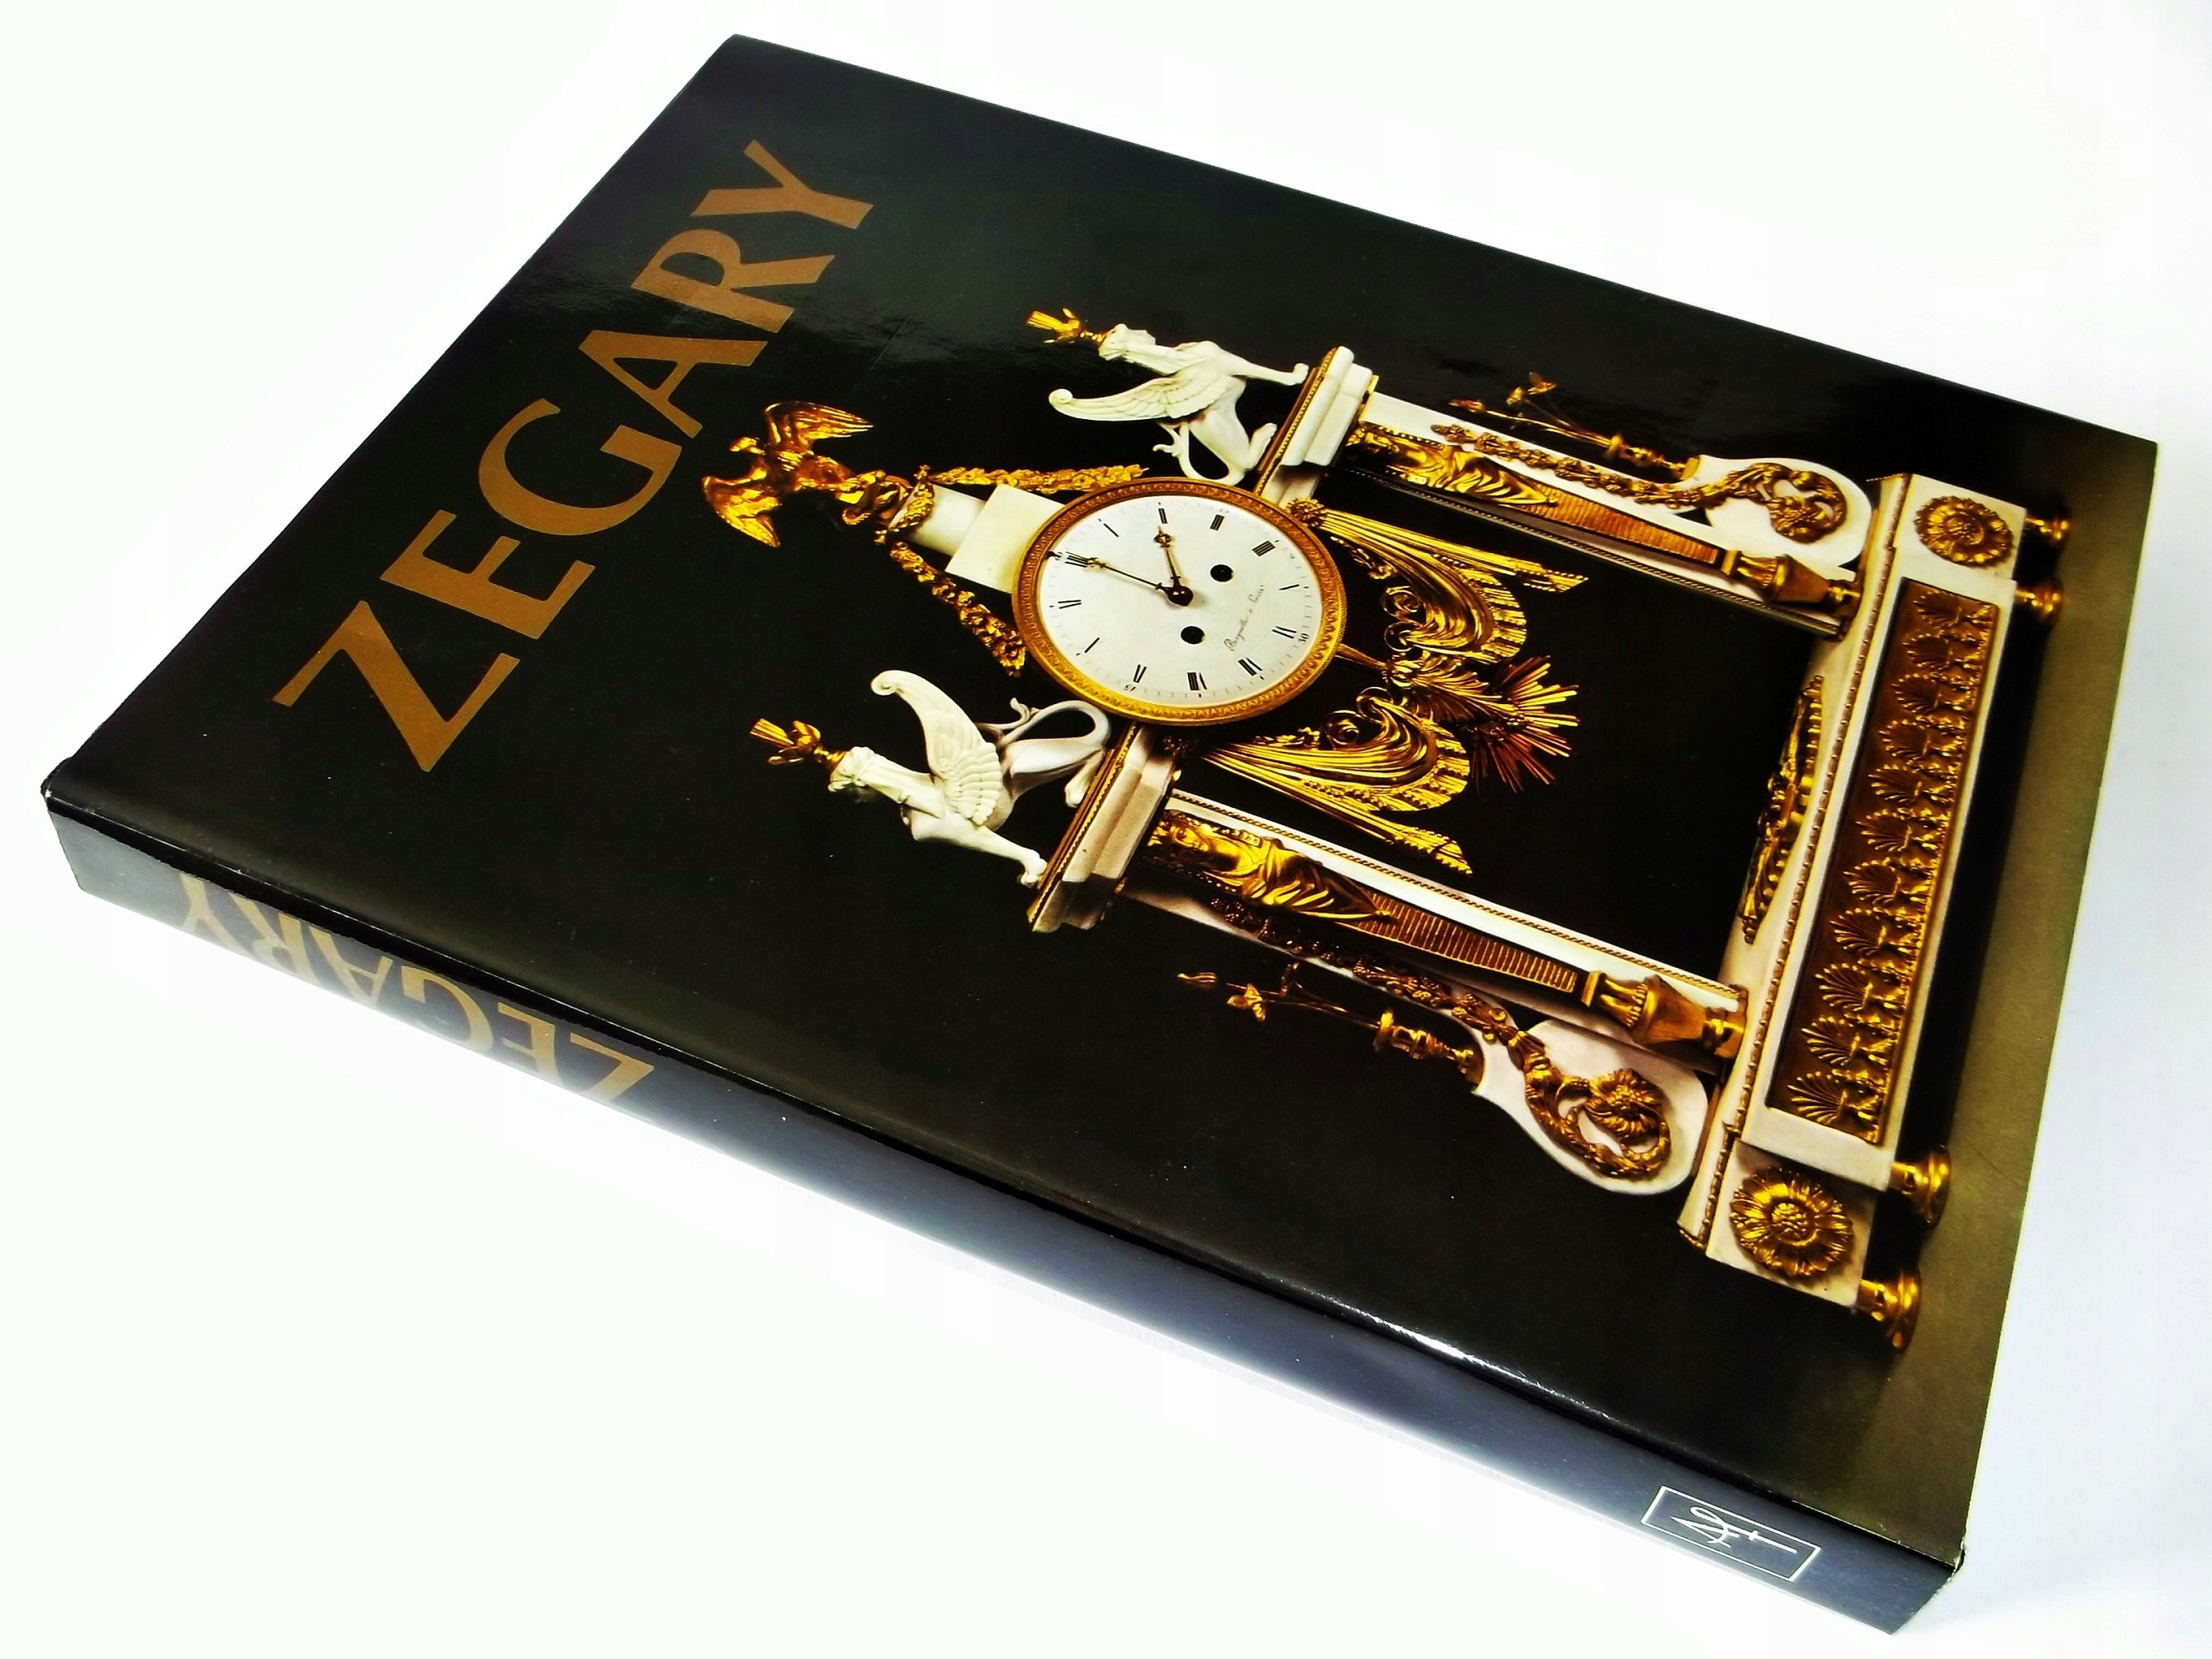 Zegary Zegarmistrzostwo Stare Zegary Antyki 7524019559